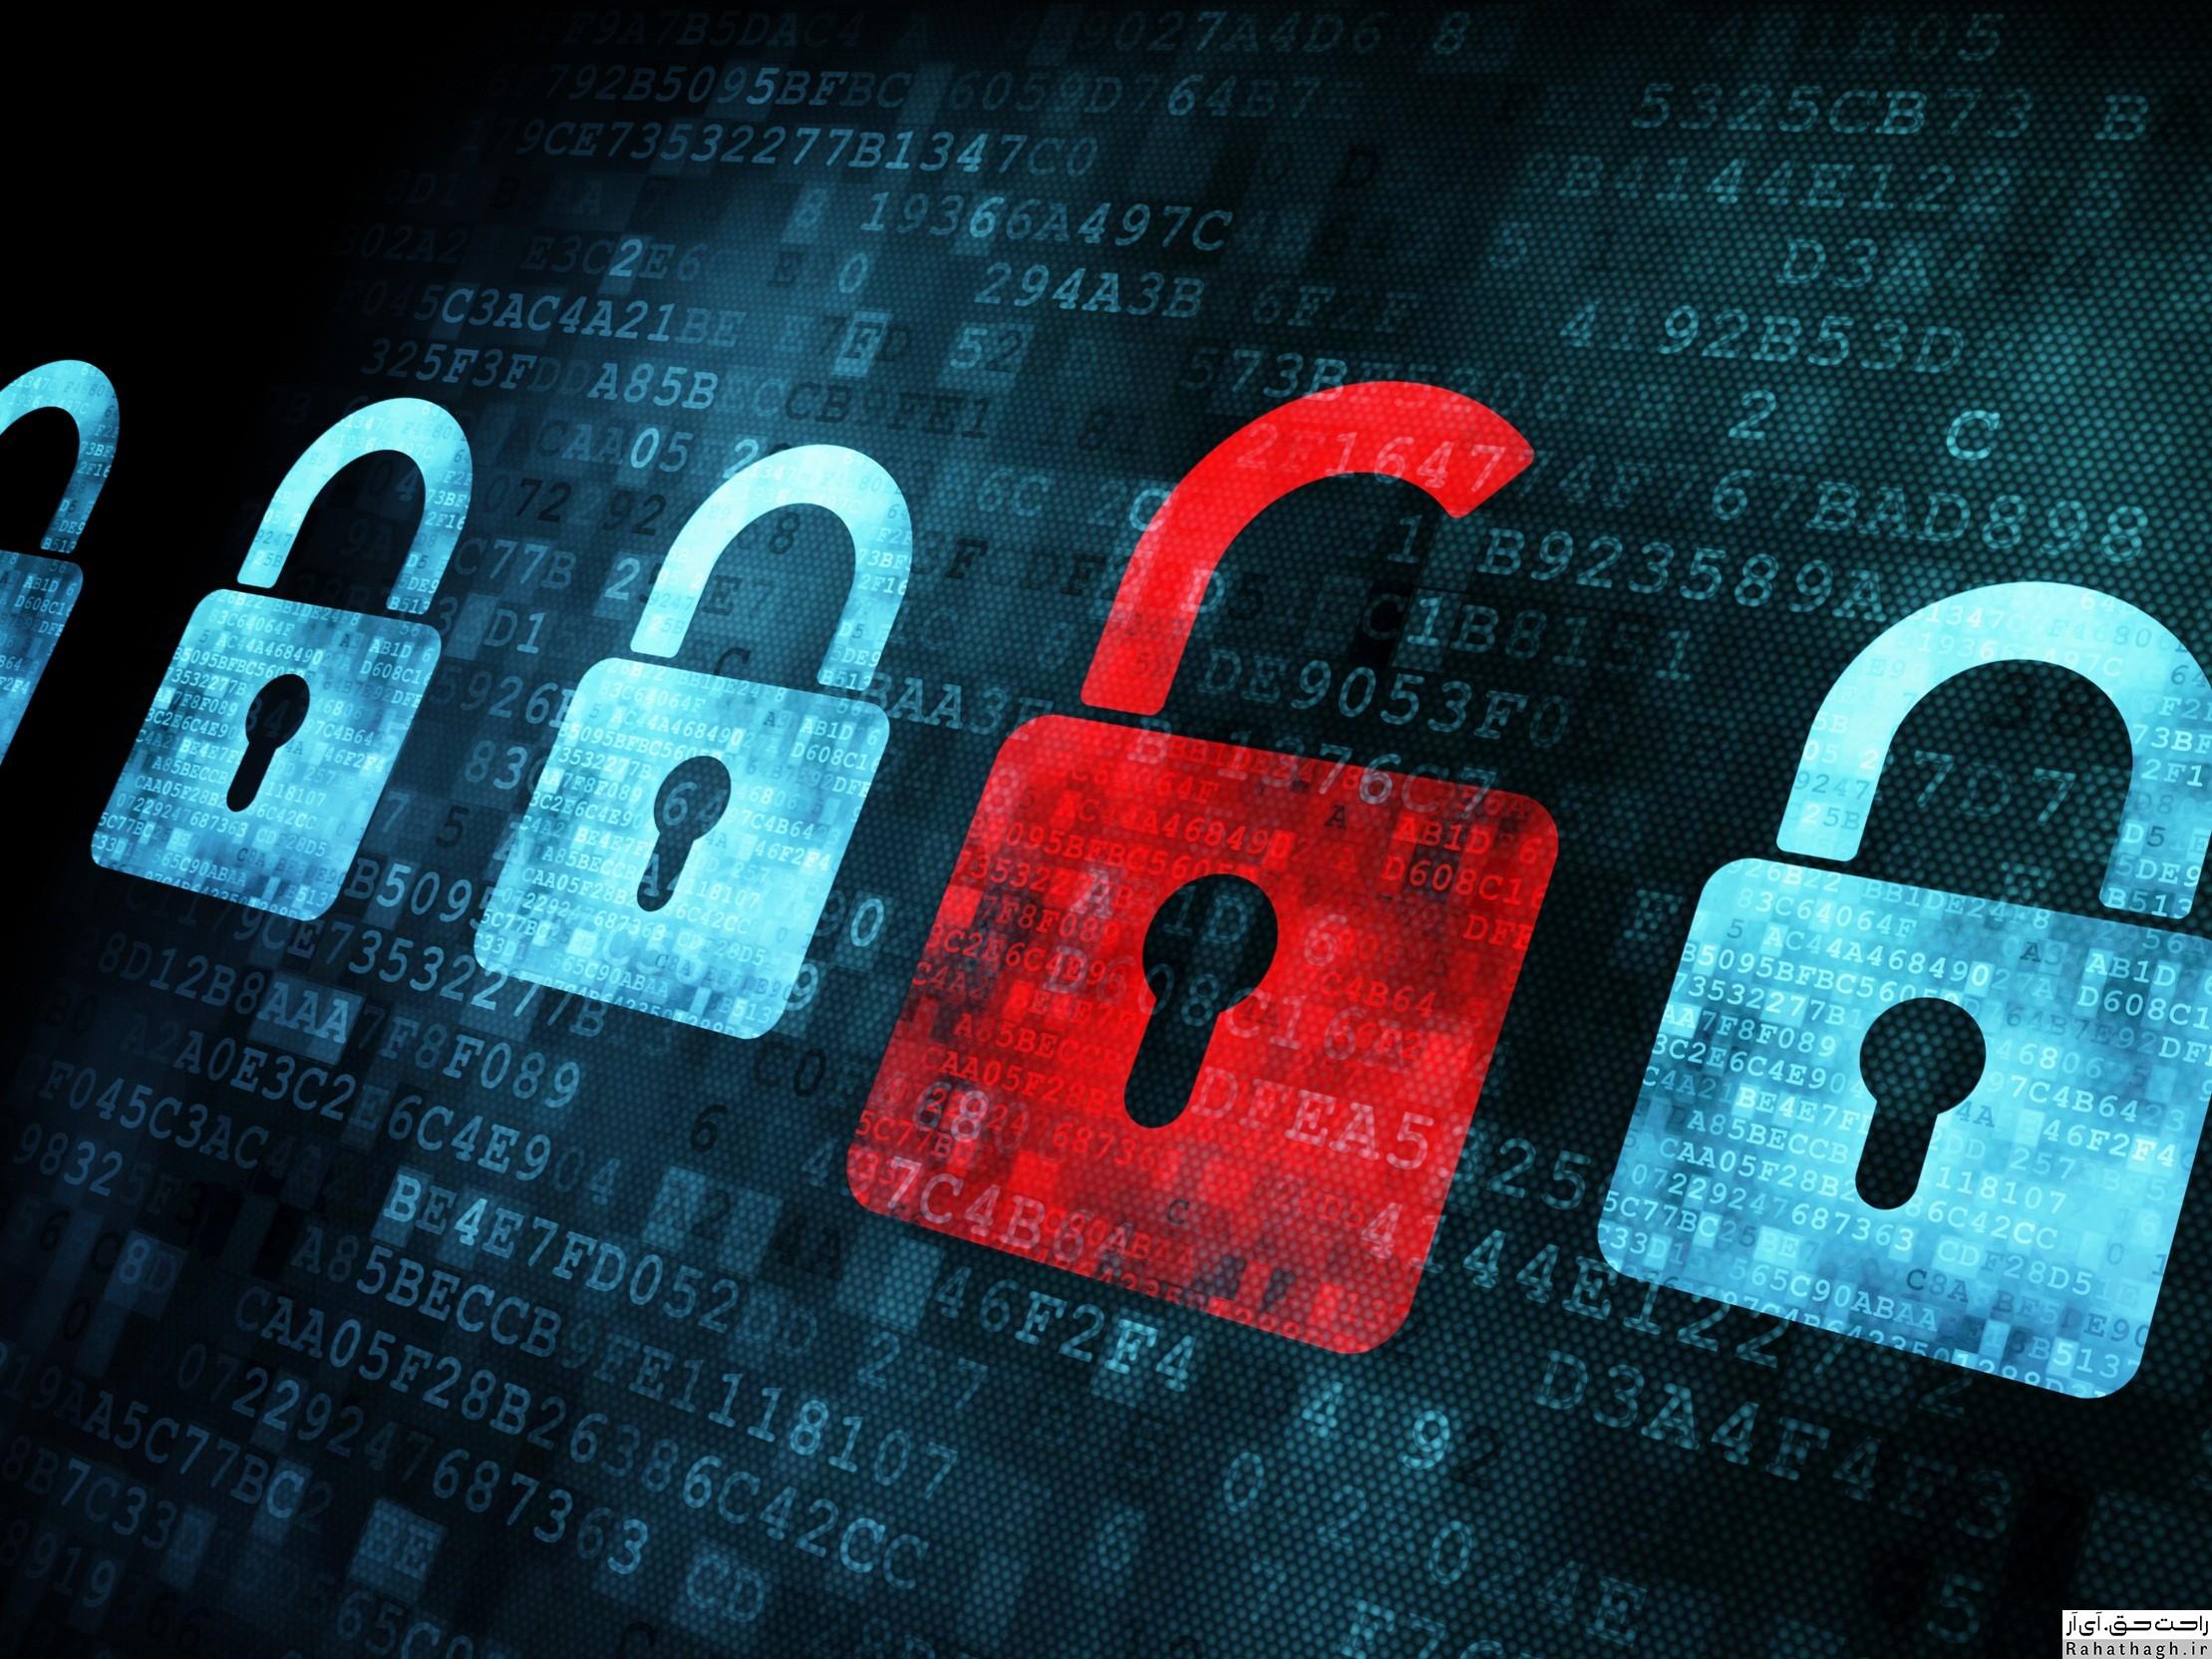 https://bayanbox.ir/view/5623437553365066422/cybercrimes-%D8%B1%D8%A7%D8%AD%D8%AA-%D8%AD%D9%82.jpg